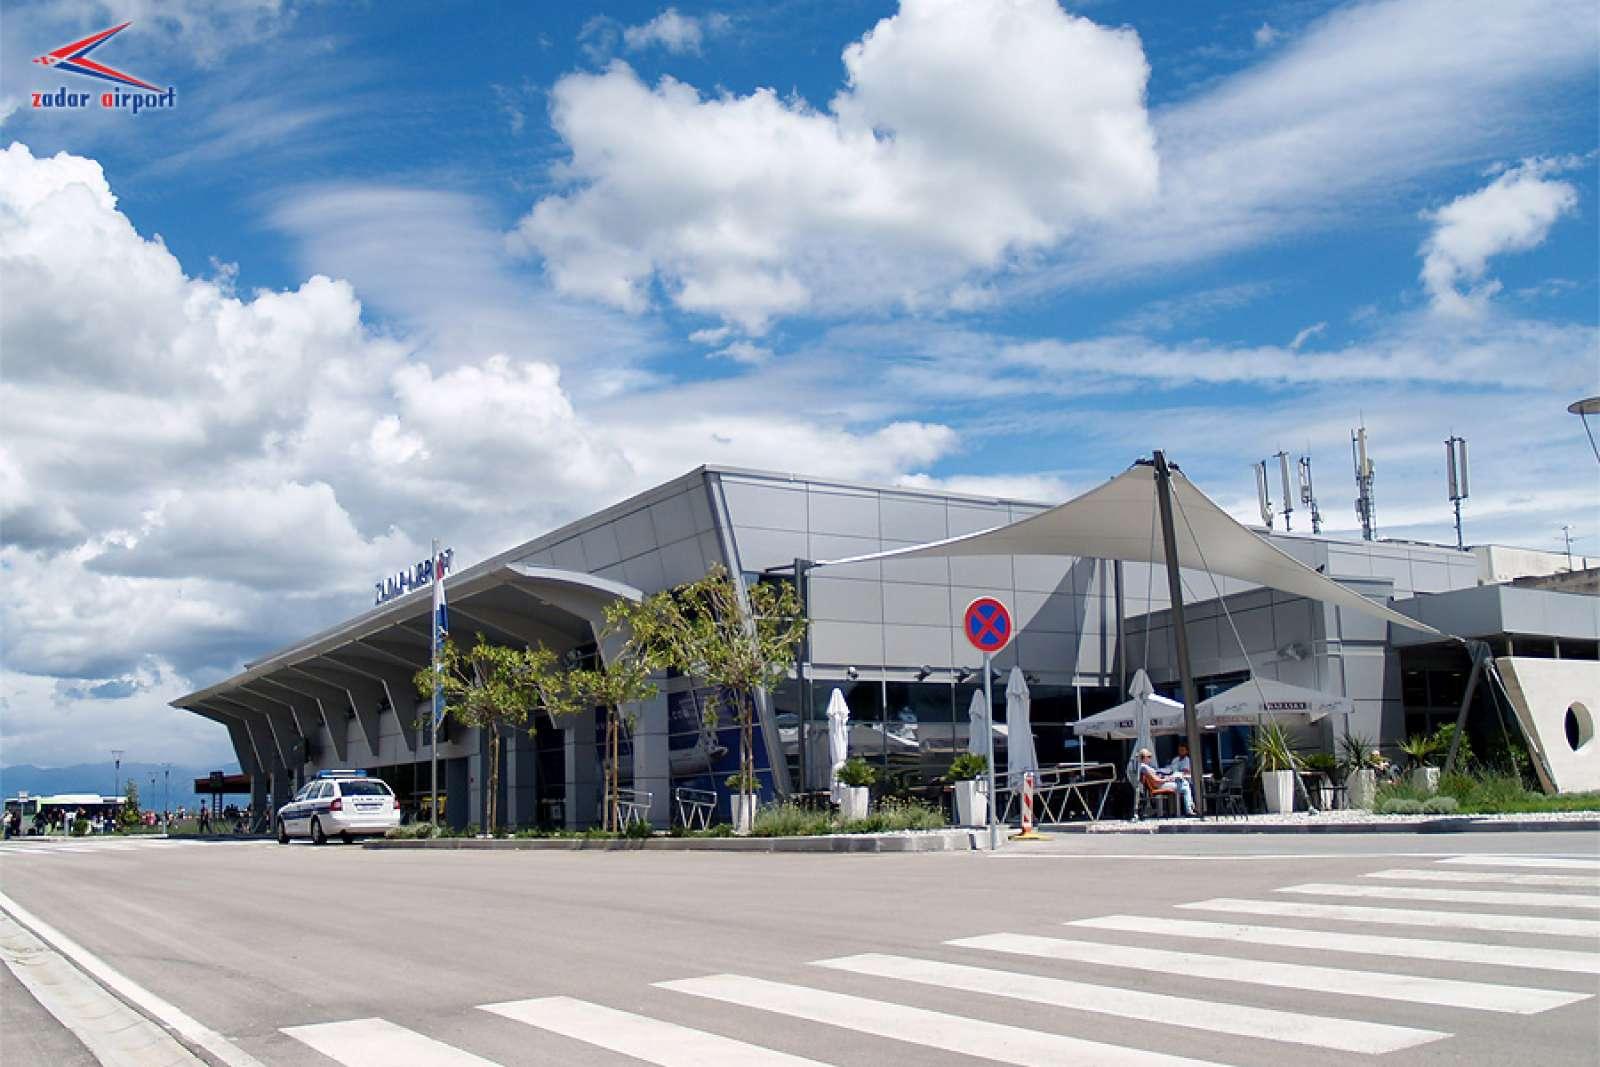 Flughafen Zadar Cover Image